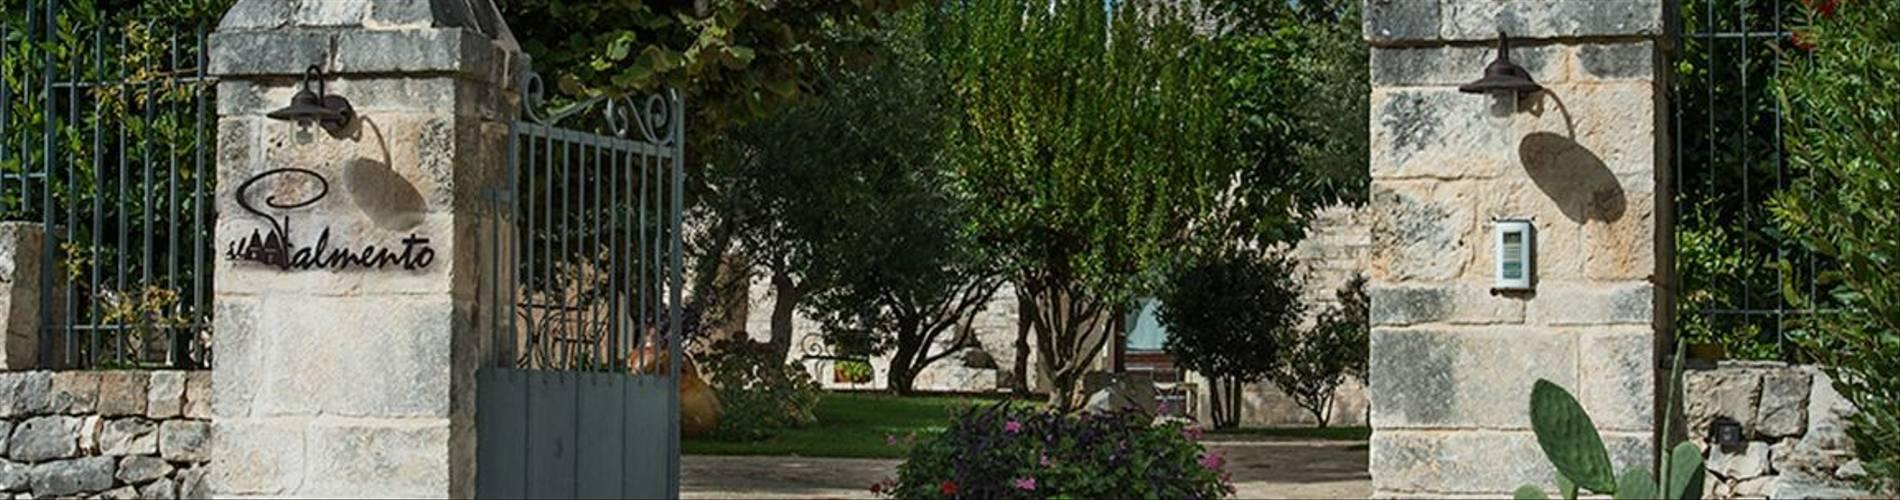 Il Palmento, Puglia, Italy (47).jpg